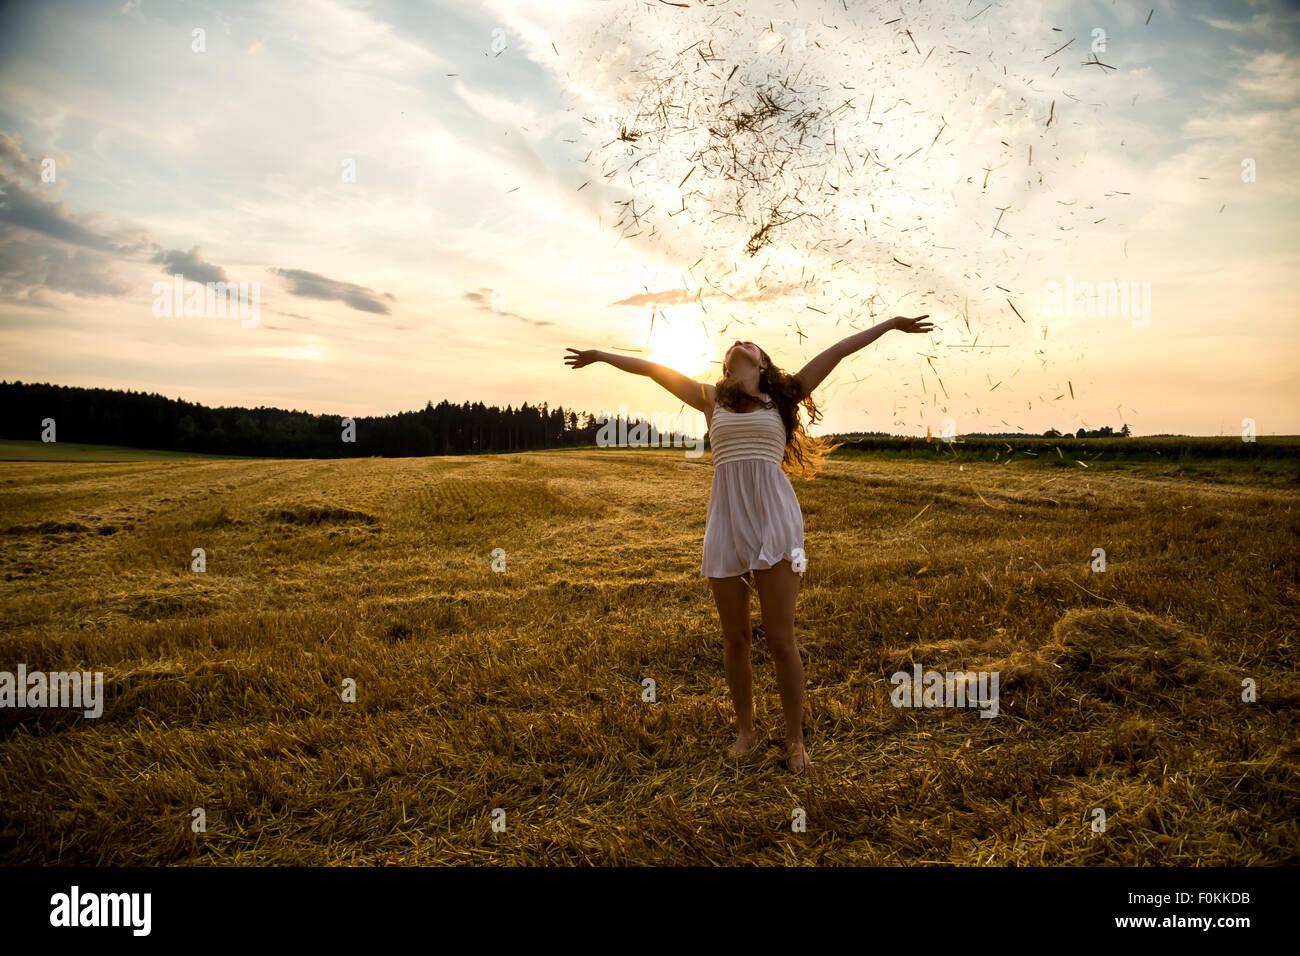 Jeune femme debout sur champ d'orge, de jeter de la paille Photo Stock